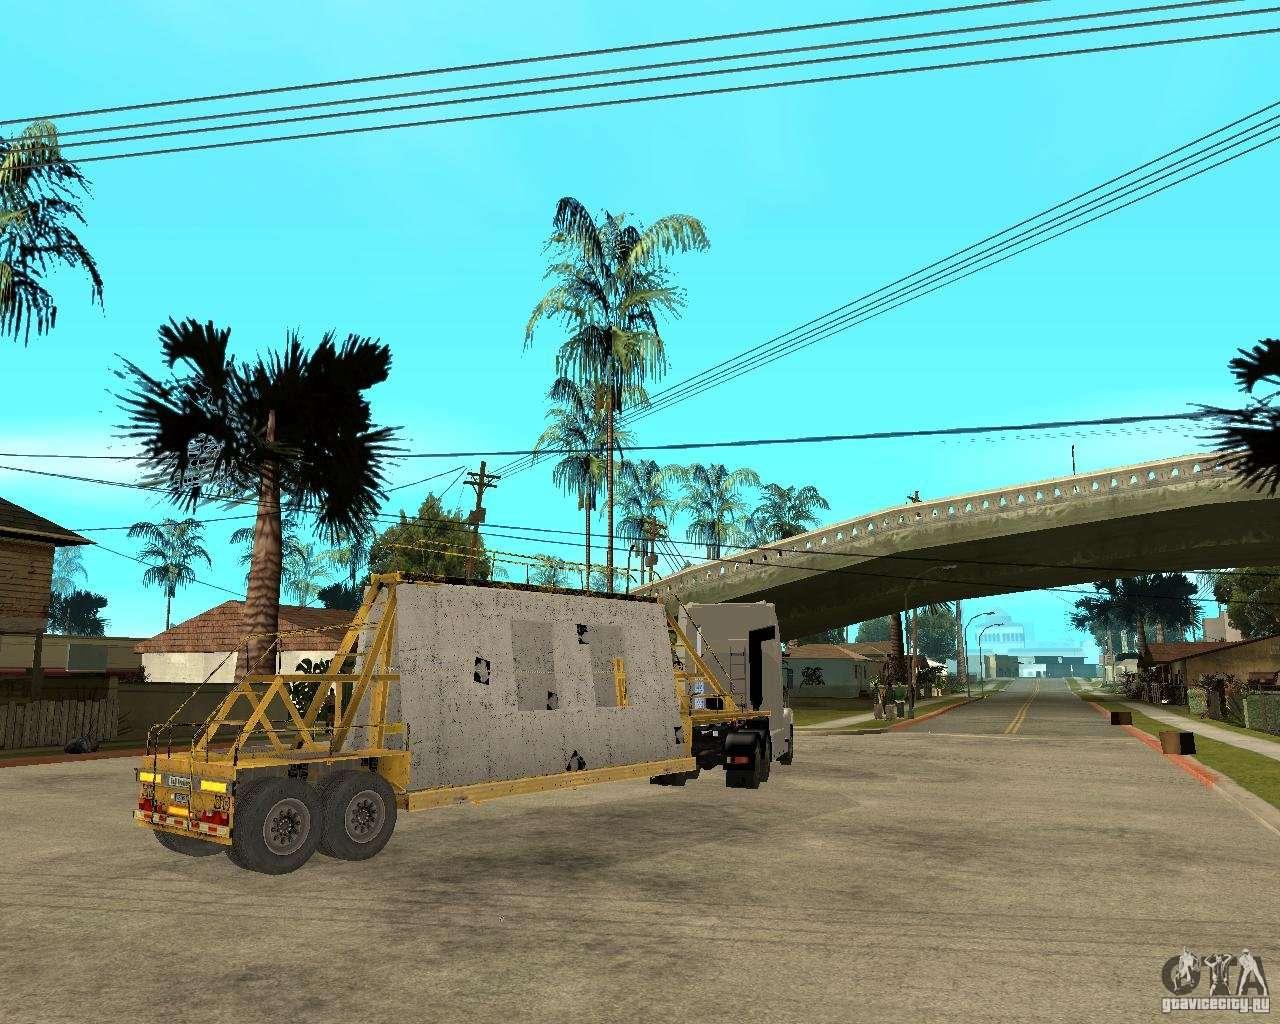 Патч прицепов v_1 для GTA San Andreas вид сзади.